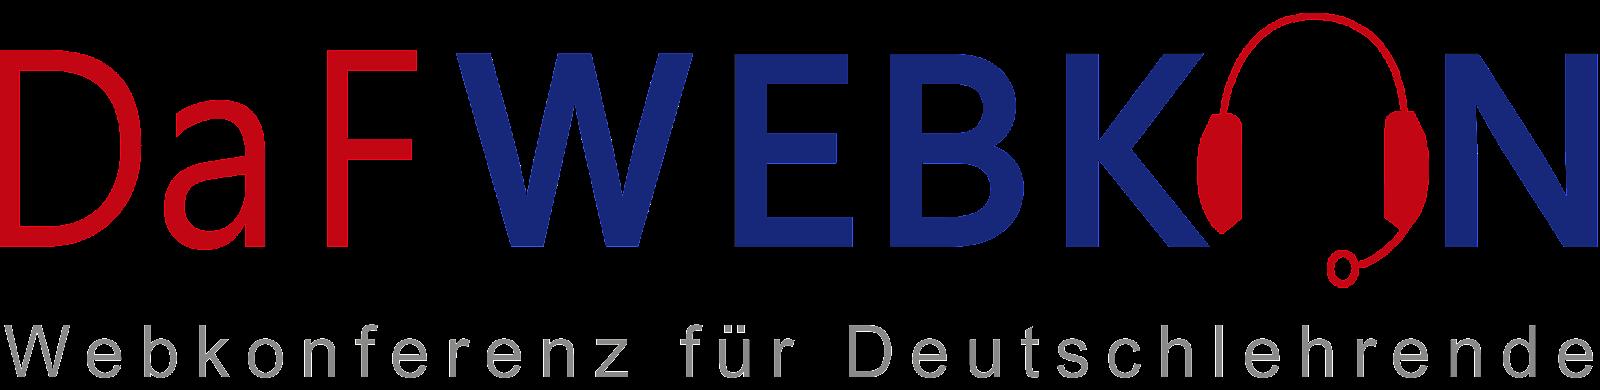 DaFWEBKON-Logo-2017.png